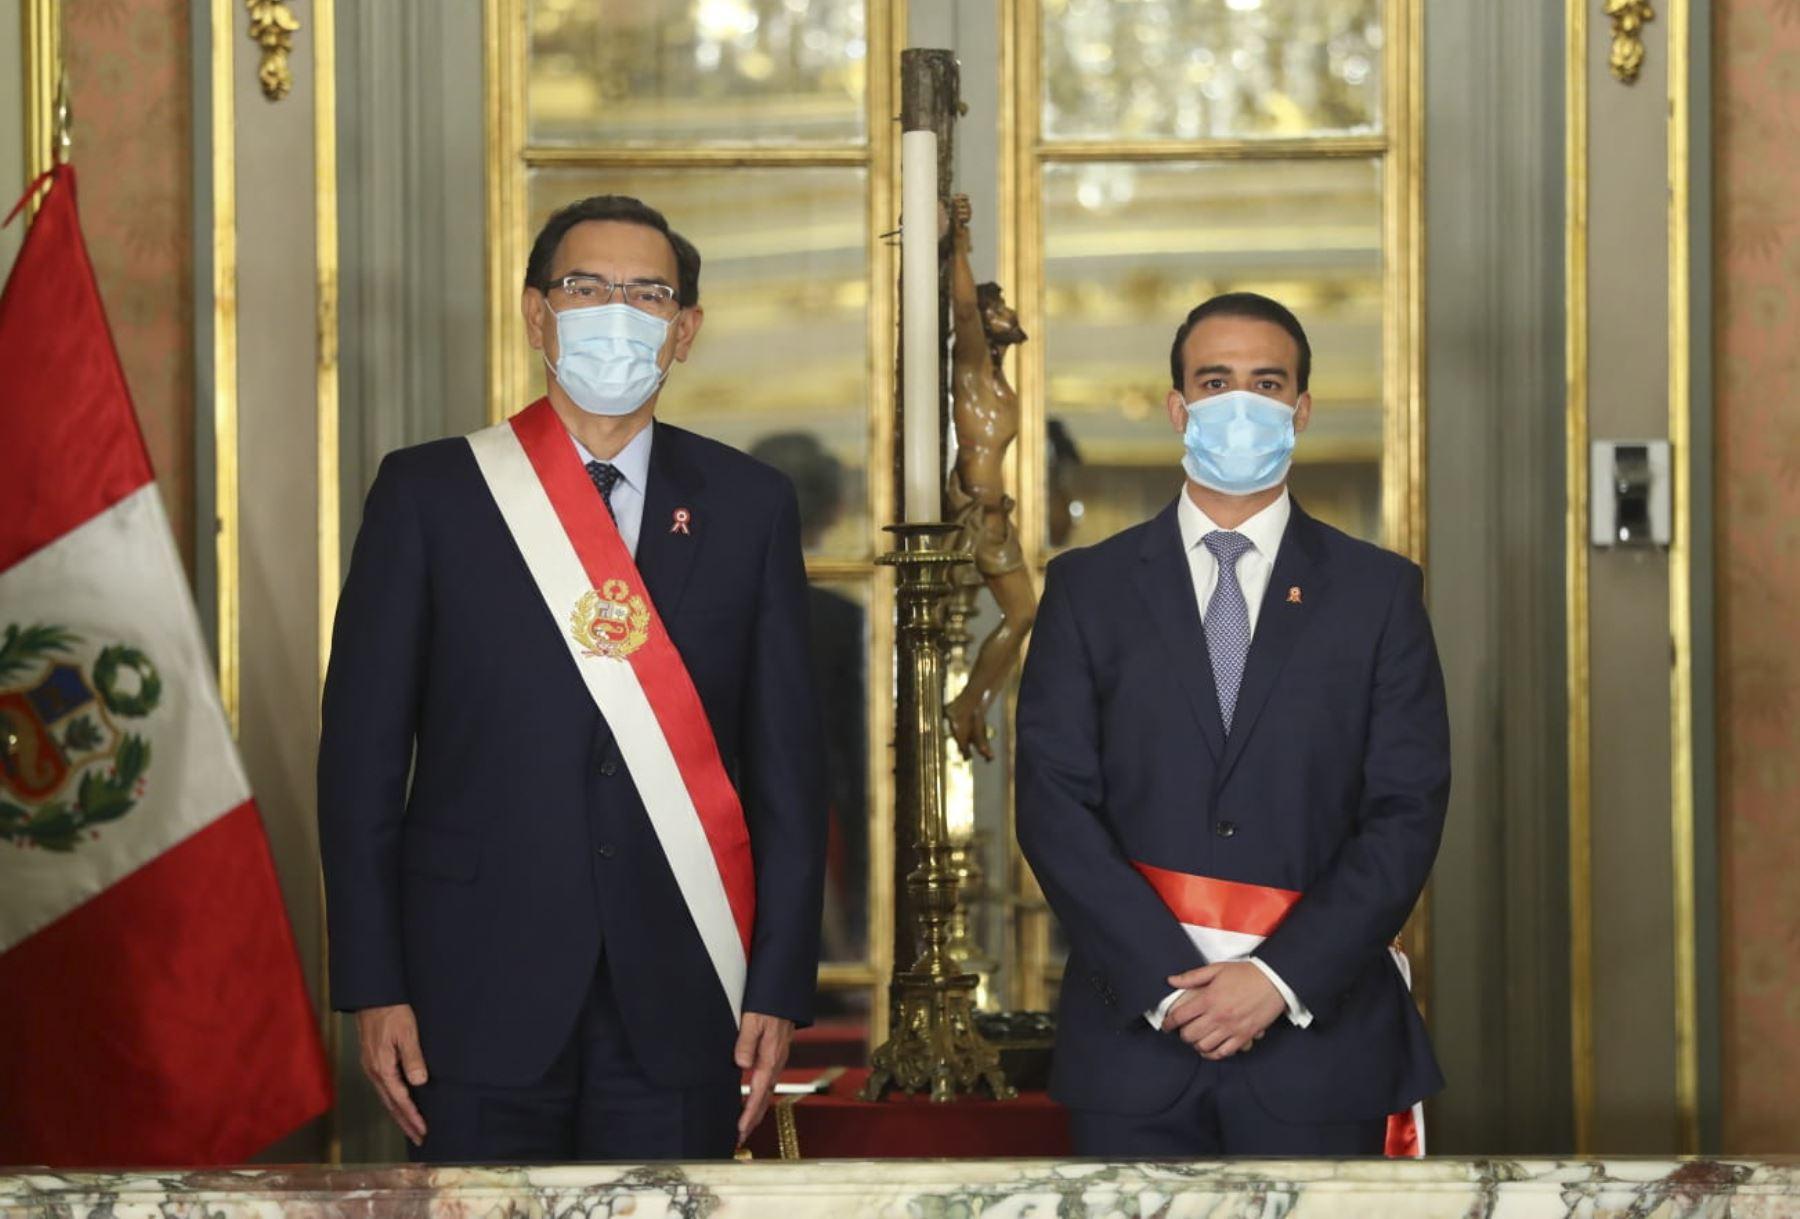 Presidente Martín Vizcarra toma juramento a Martín Ruggiero como ministro de Trabajo y Promoción del Empleo. Foto:ANDINA/Prensa Presidencia